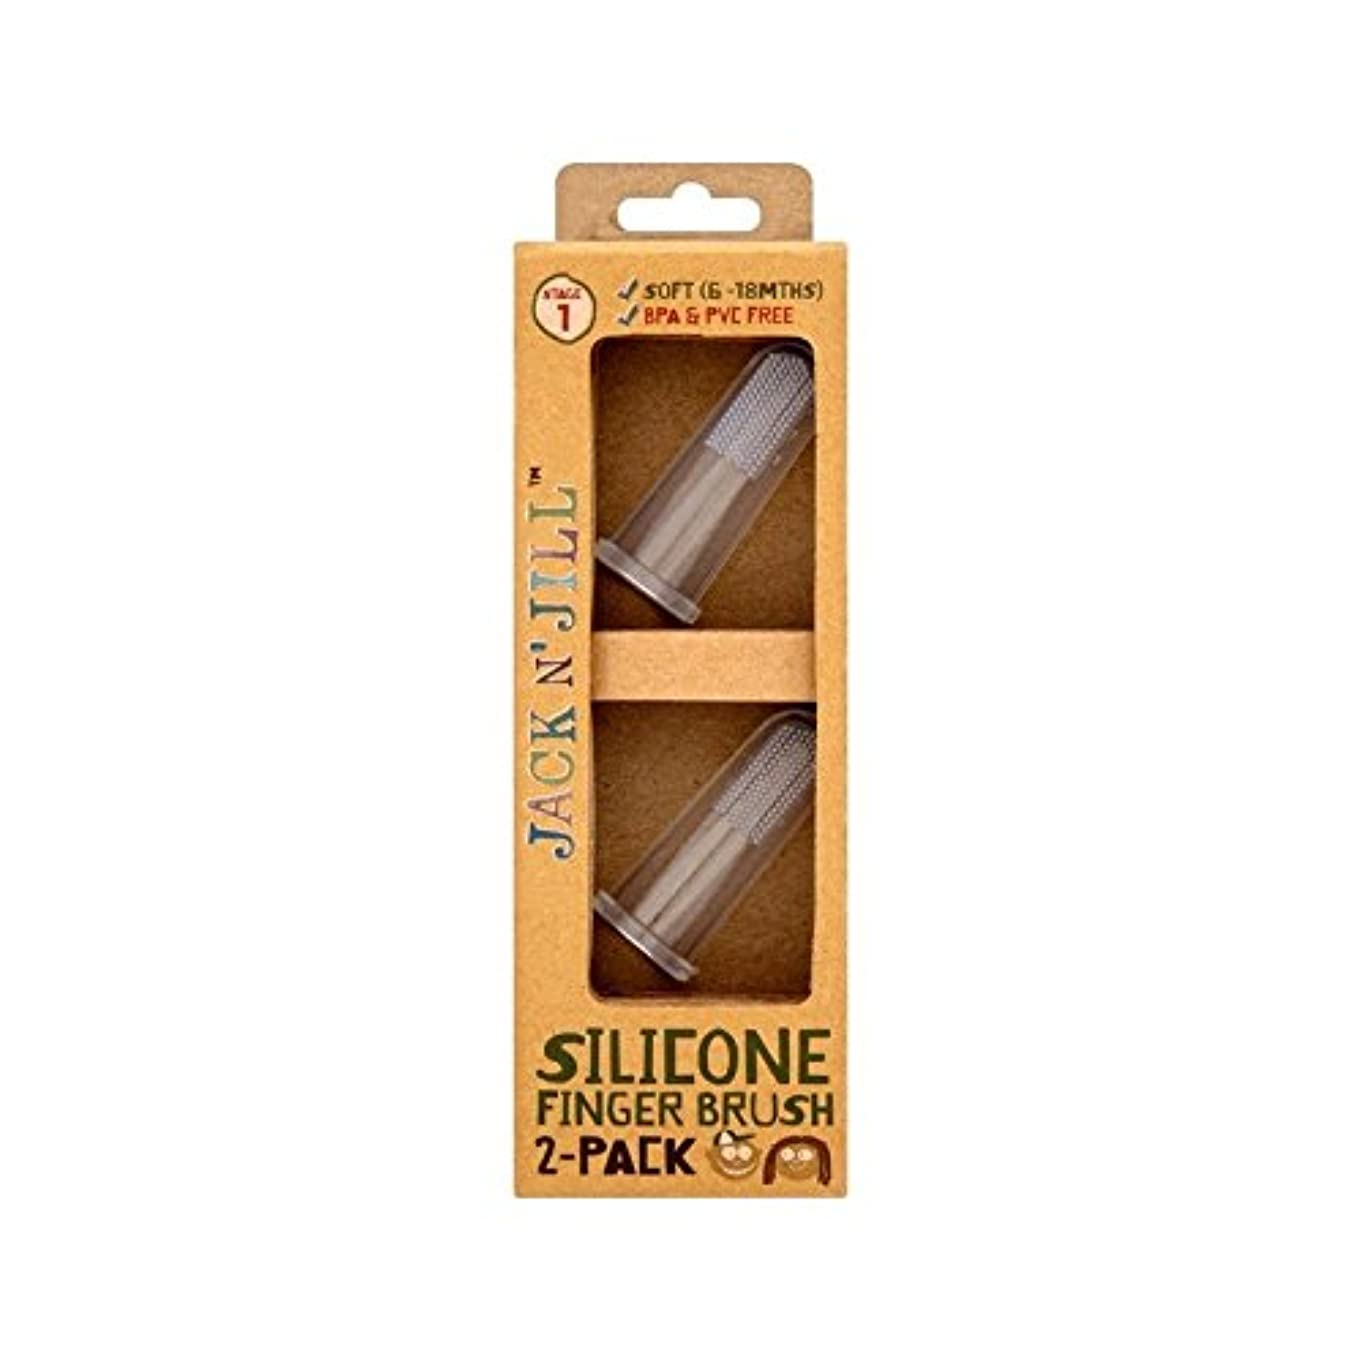 シリコーン指ブラシ2パックあたりパック2 (Jack N Jill) - Jack N' Jill Silicone Finger Brush 2 Pack 2 per pack [並行輸入品]